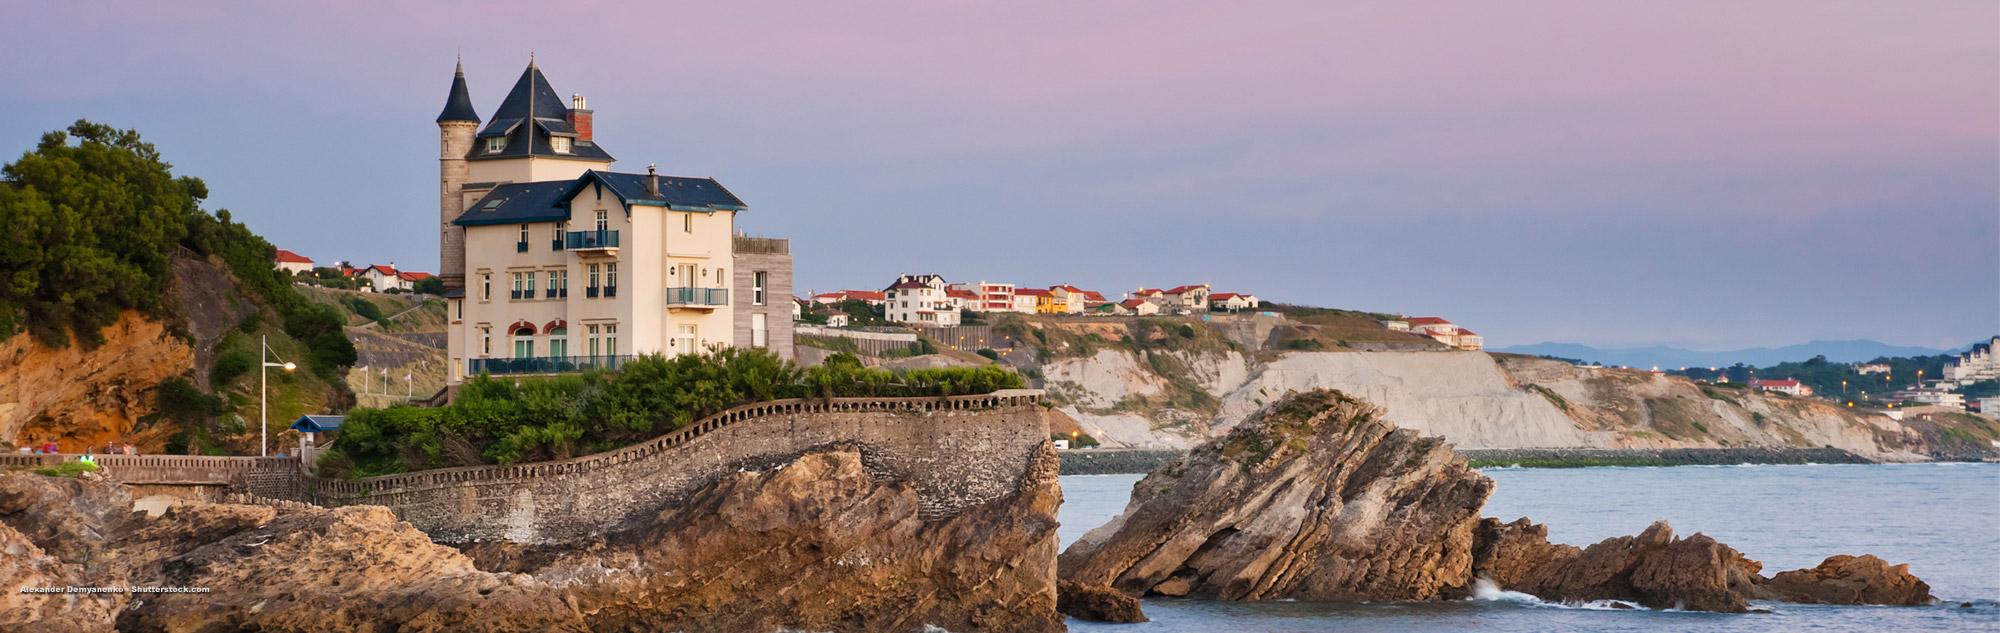 Écoles de langue à Biarritz